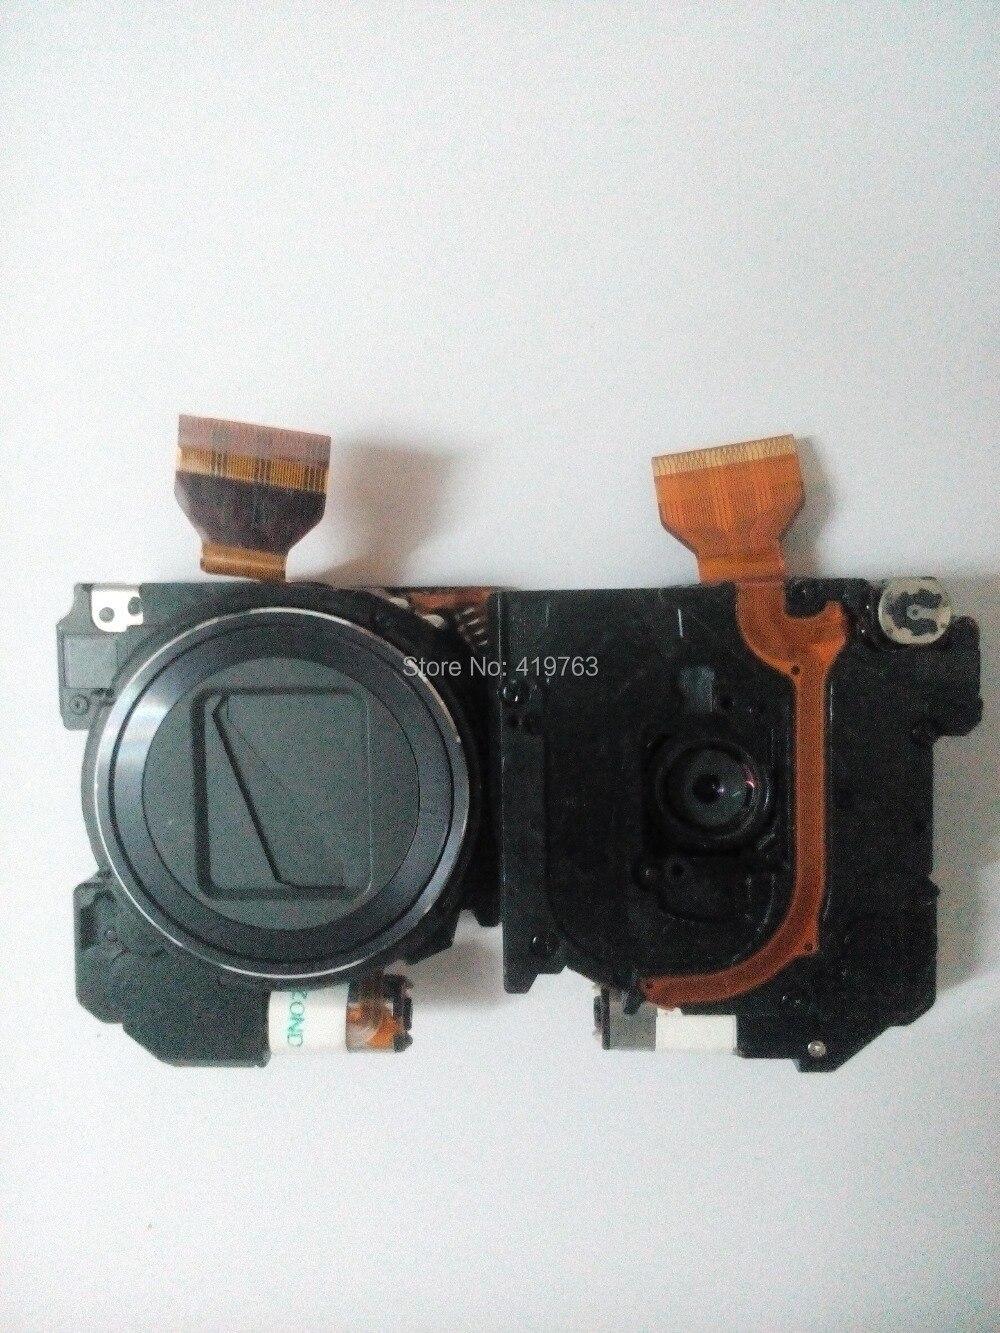 100% מקורי חדש חדש עדשת הזום היחידה לתקן חלק על Sony Cybershot DSC H55 HX5 H70 HX7 משלוח חינם